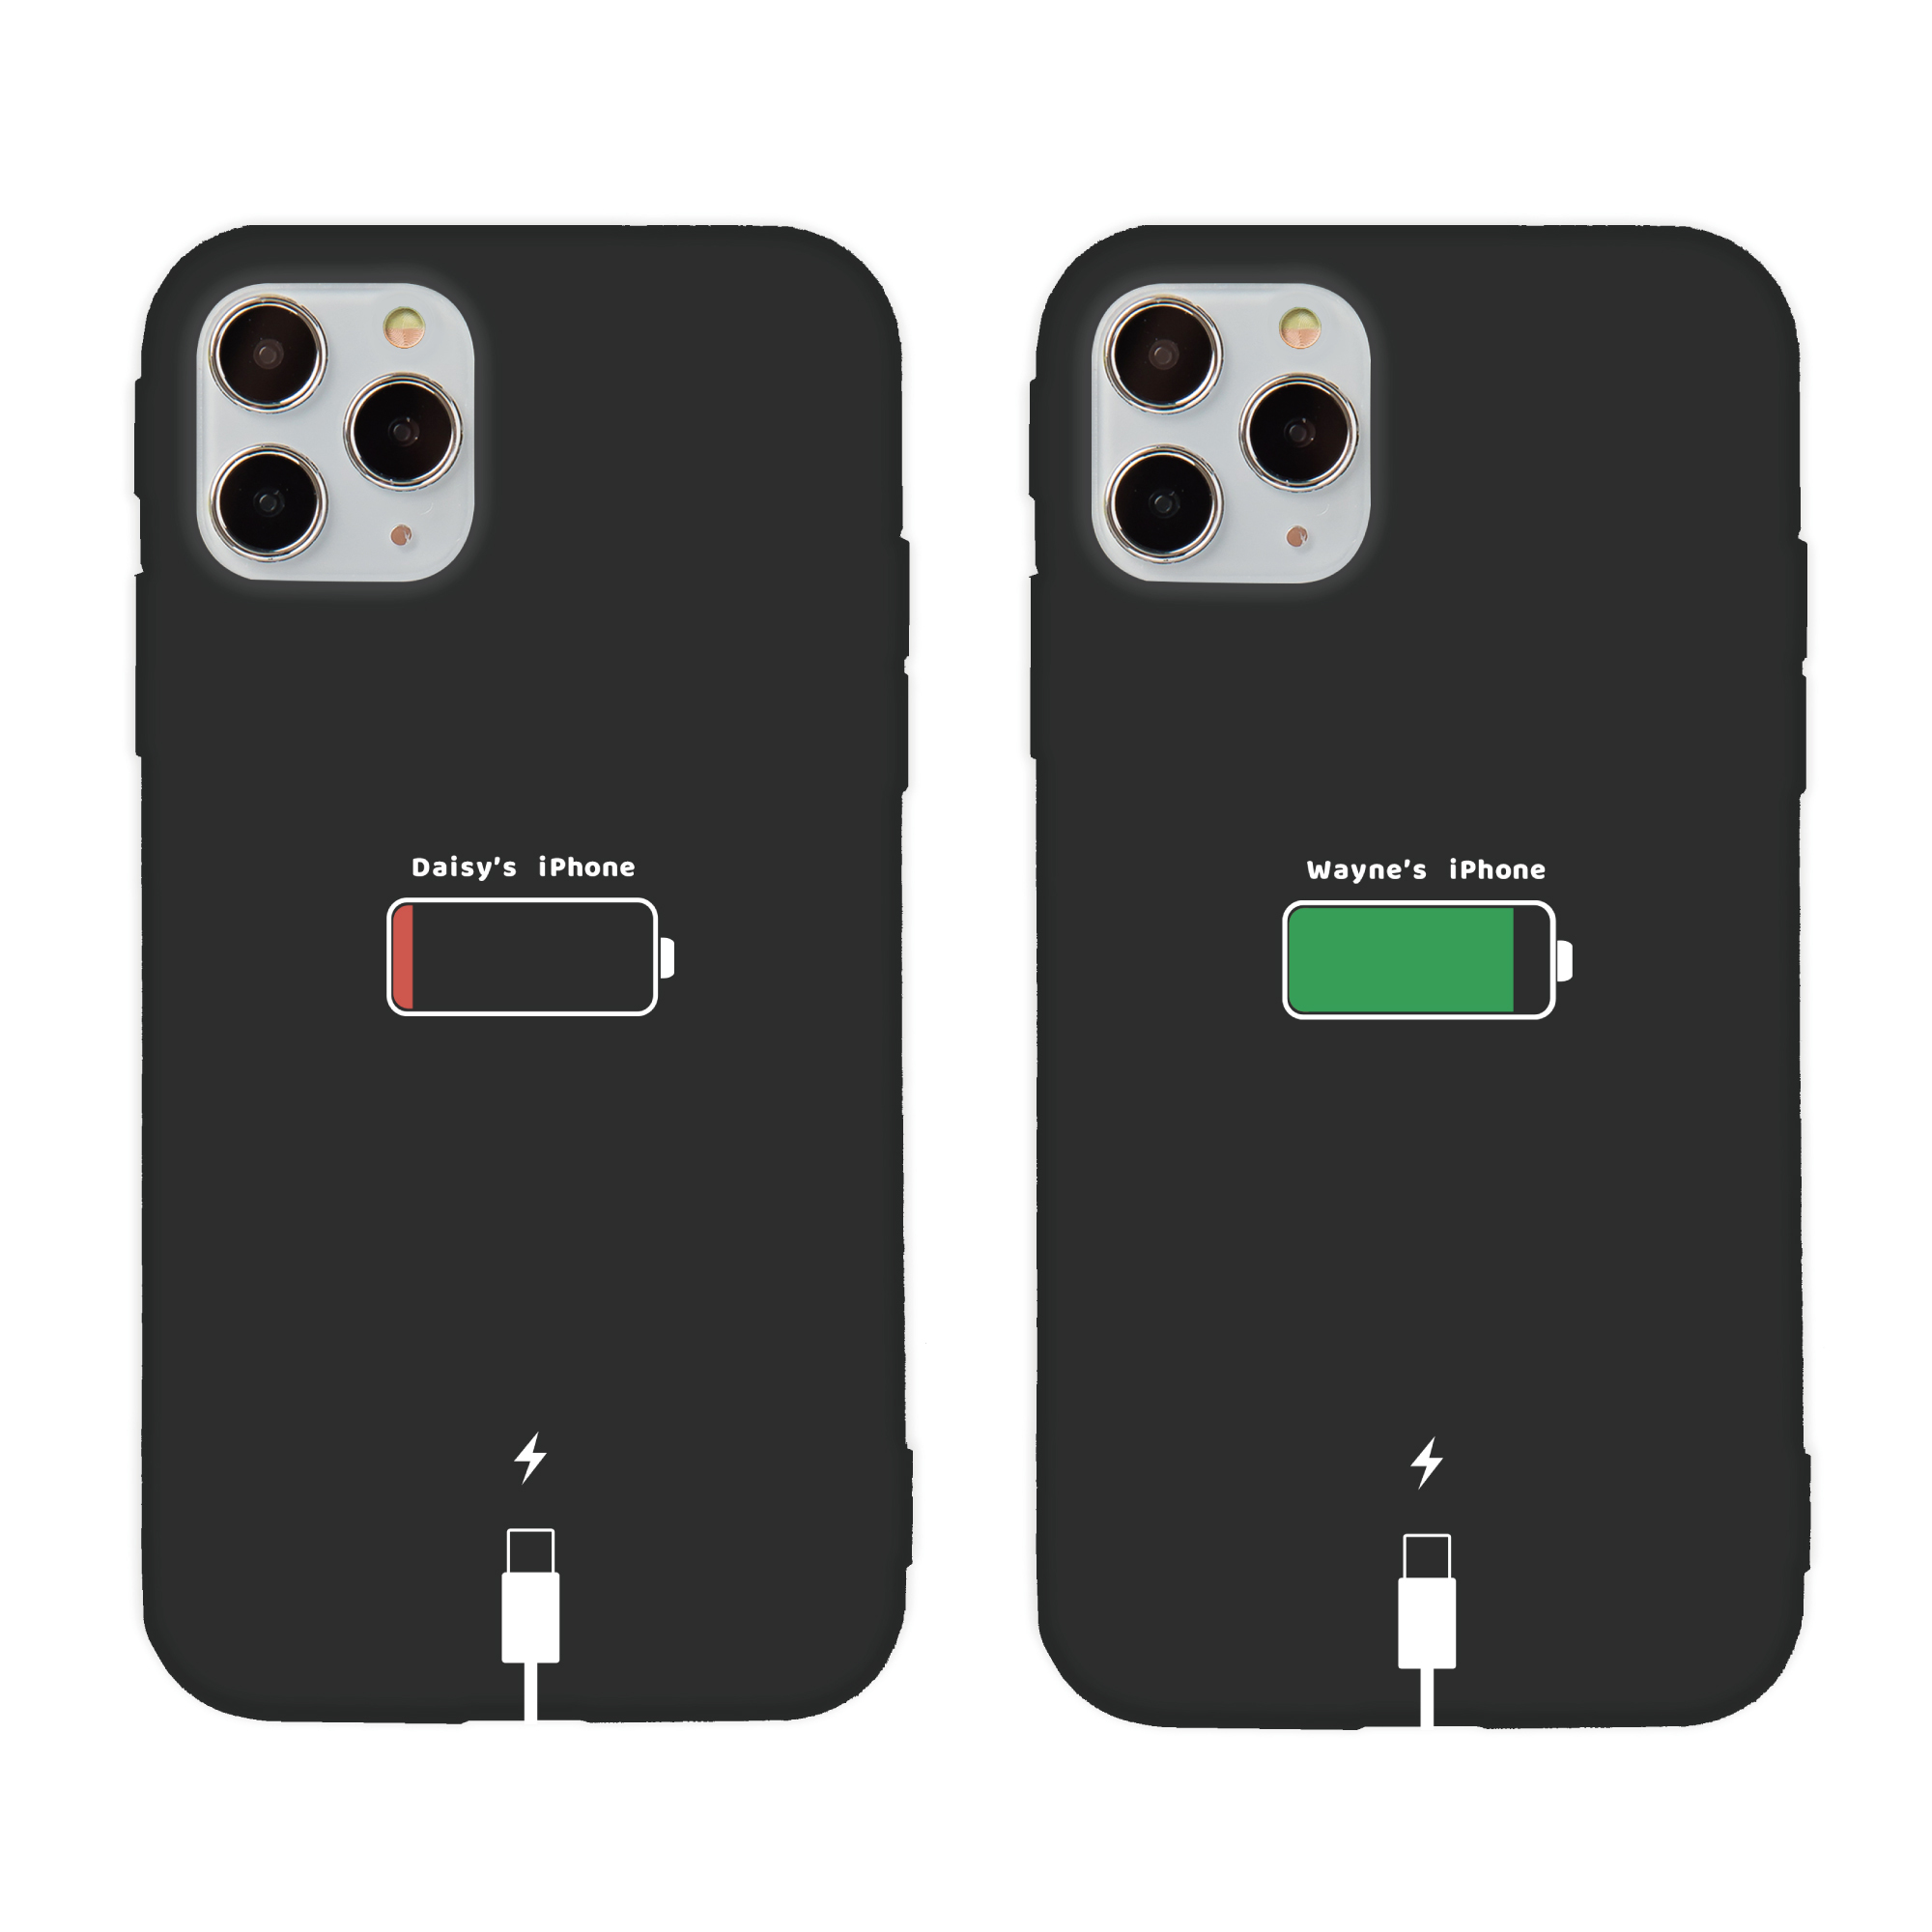 【客製名字】充電中創意客製名字iPhone手機殼